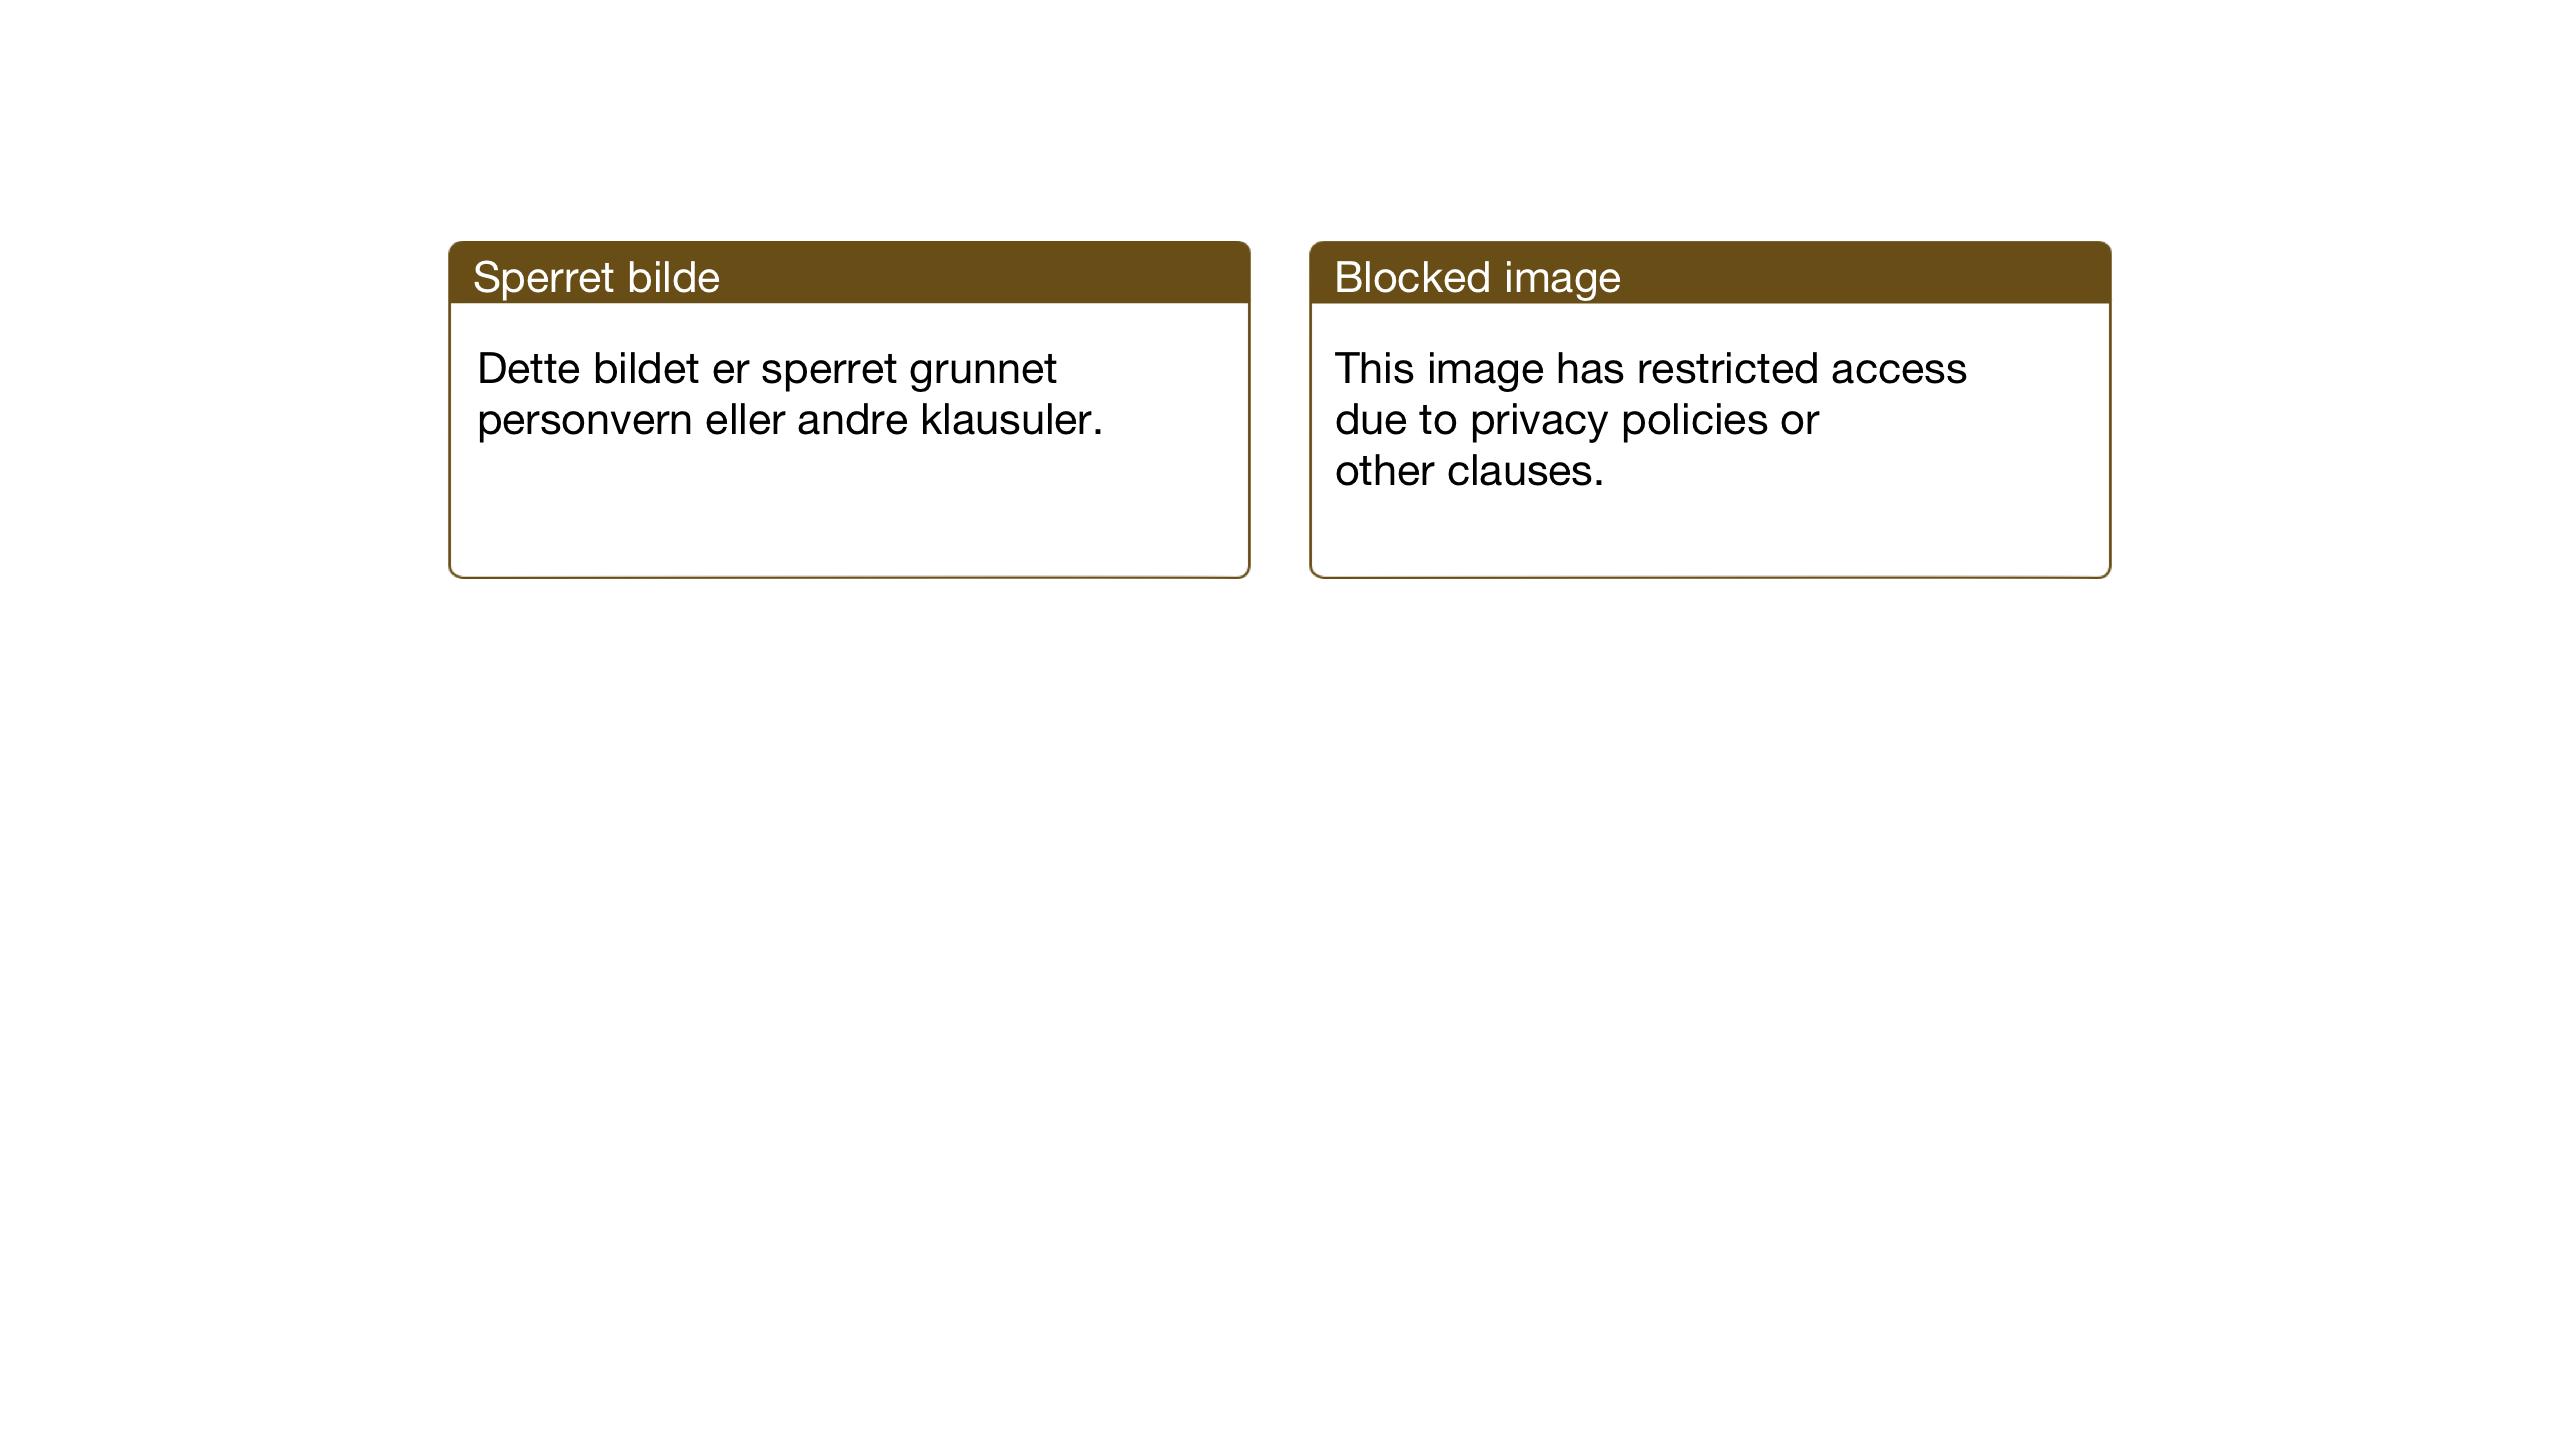 SAT, Ministerialprotokoller, klokkerbøker og fødselsregistre - Sør-Trøndelag, 607/L0328: Klokkerbok nr. 607C02, 1940-1948, s. 100